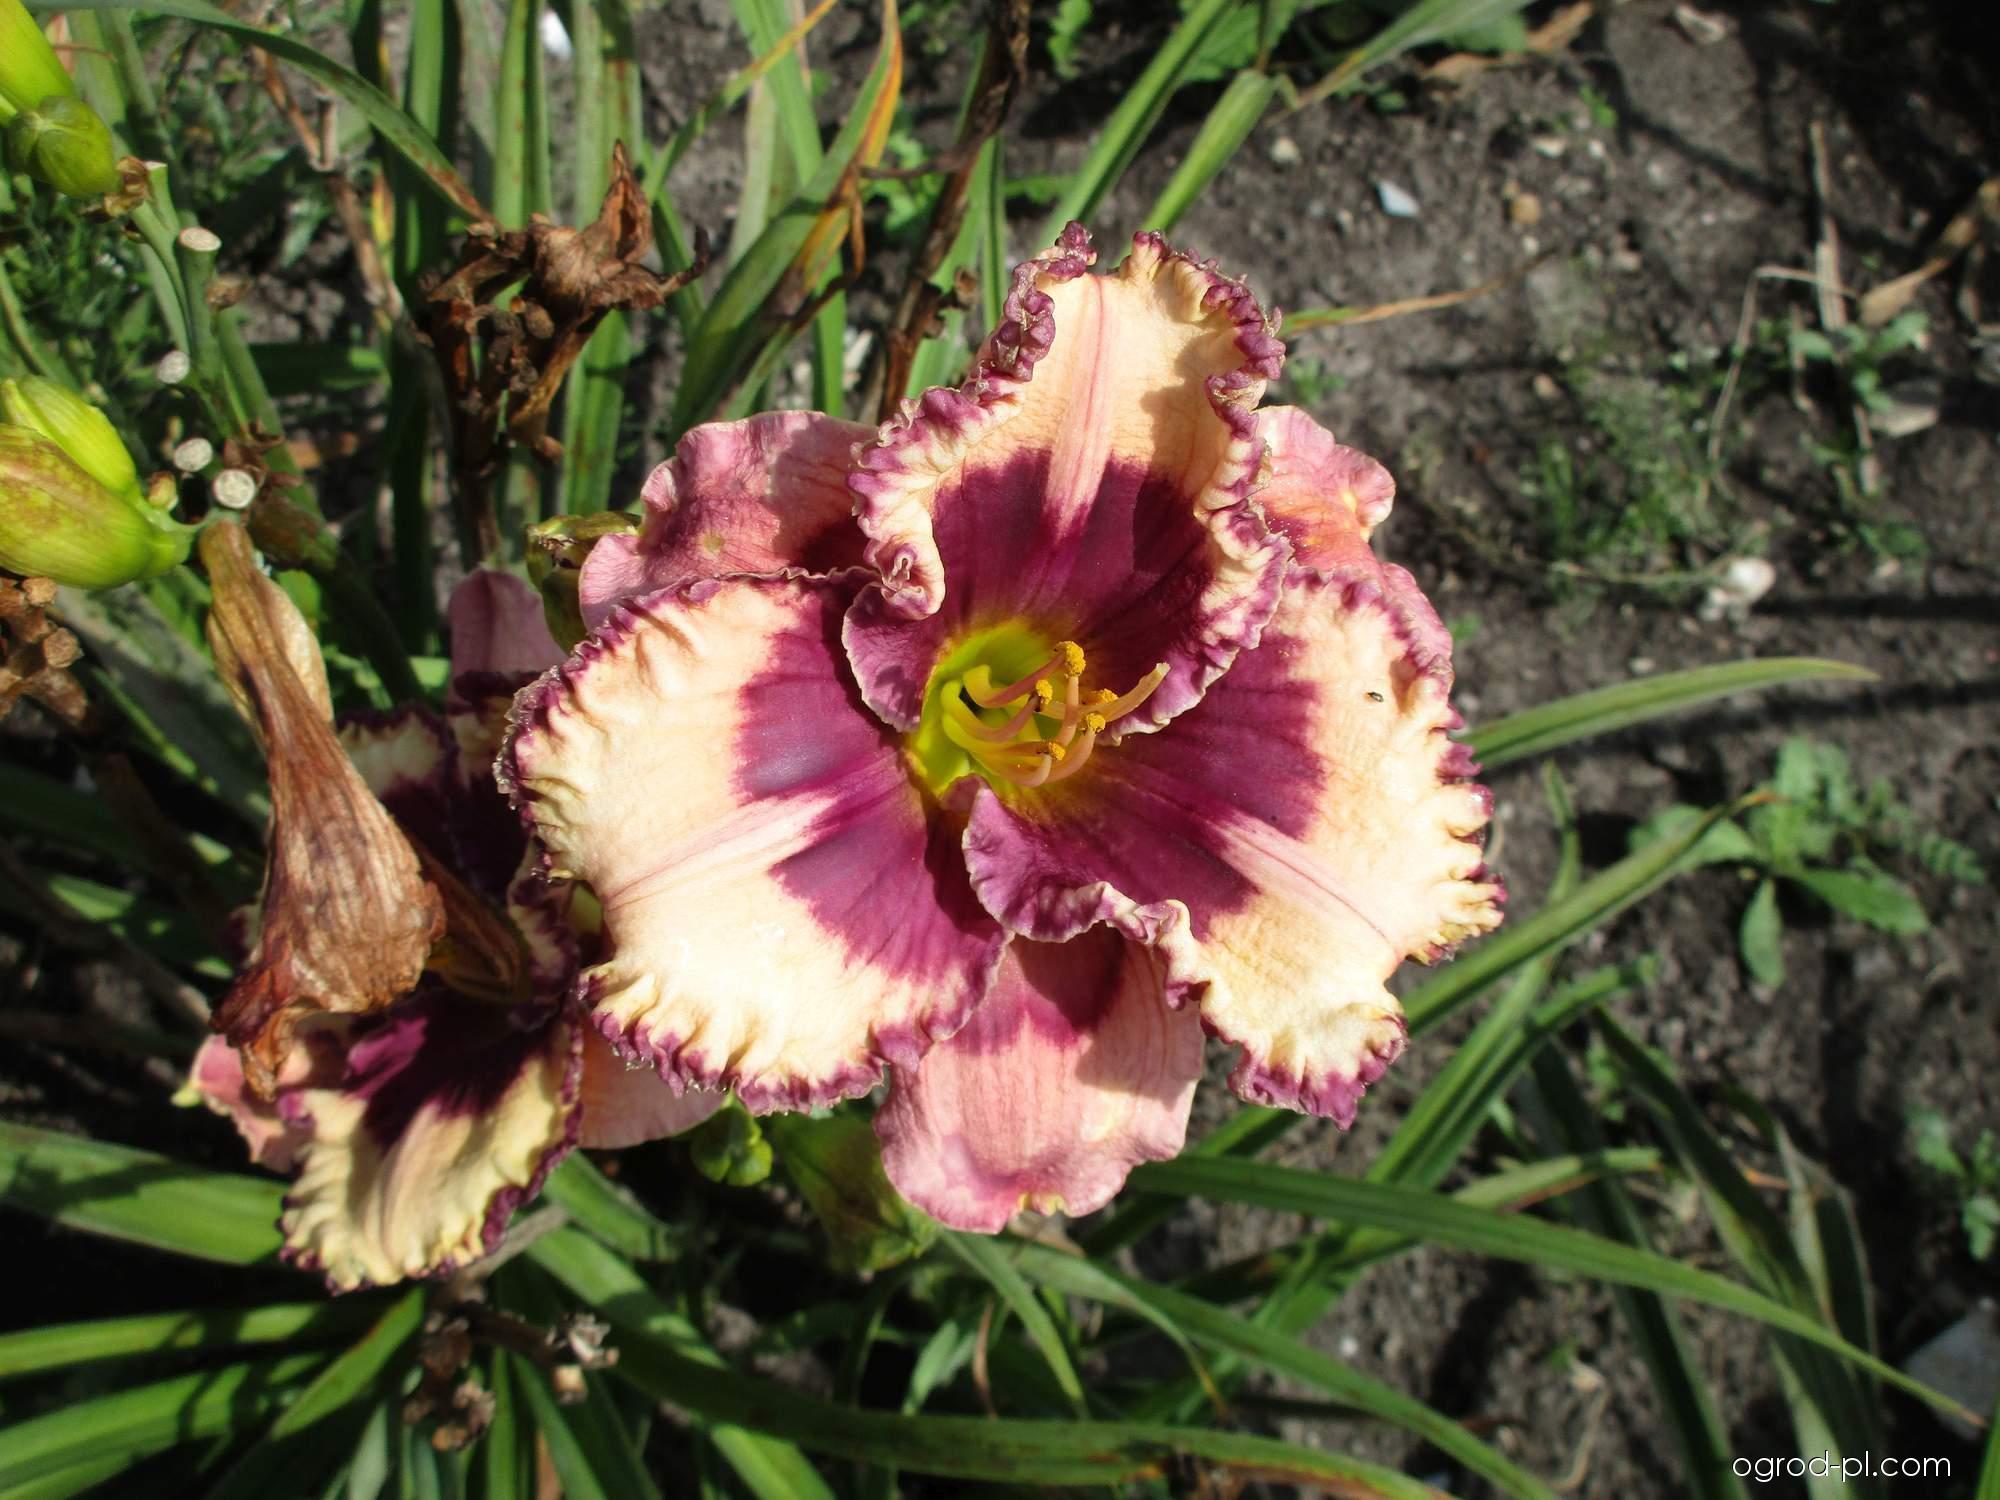 Liliowiec ogrodowy - Hemerocallis Regal Amethyst